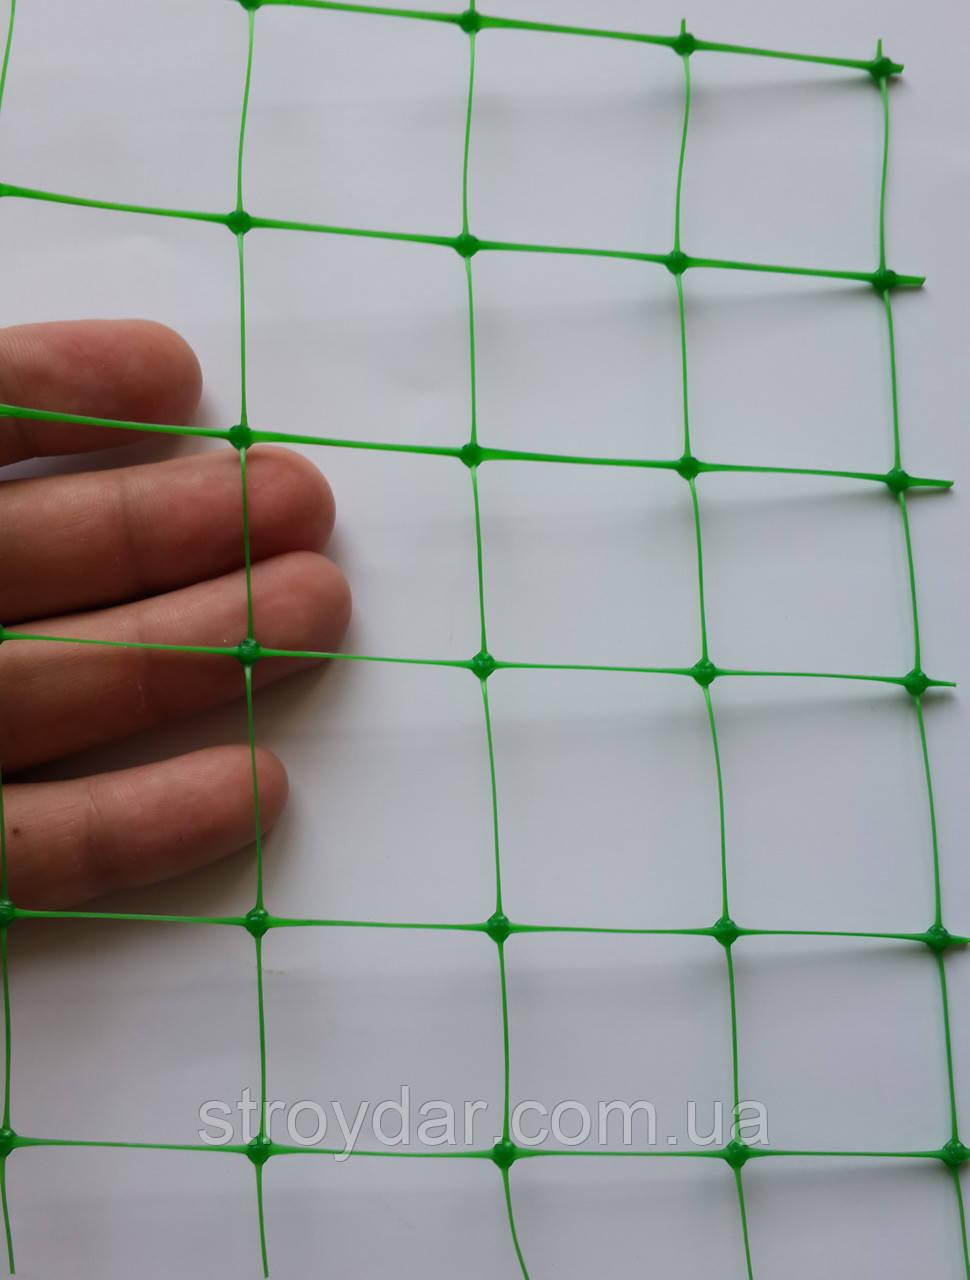 Пластикова сітка універсальна Конюшина У 30 Зелена